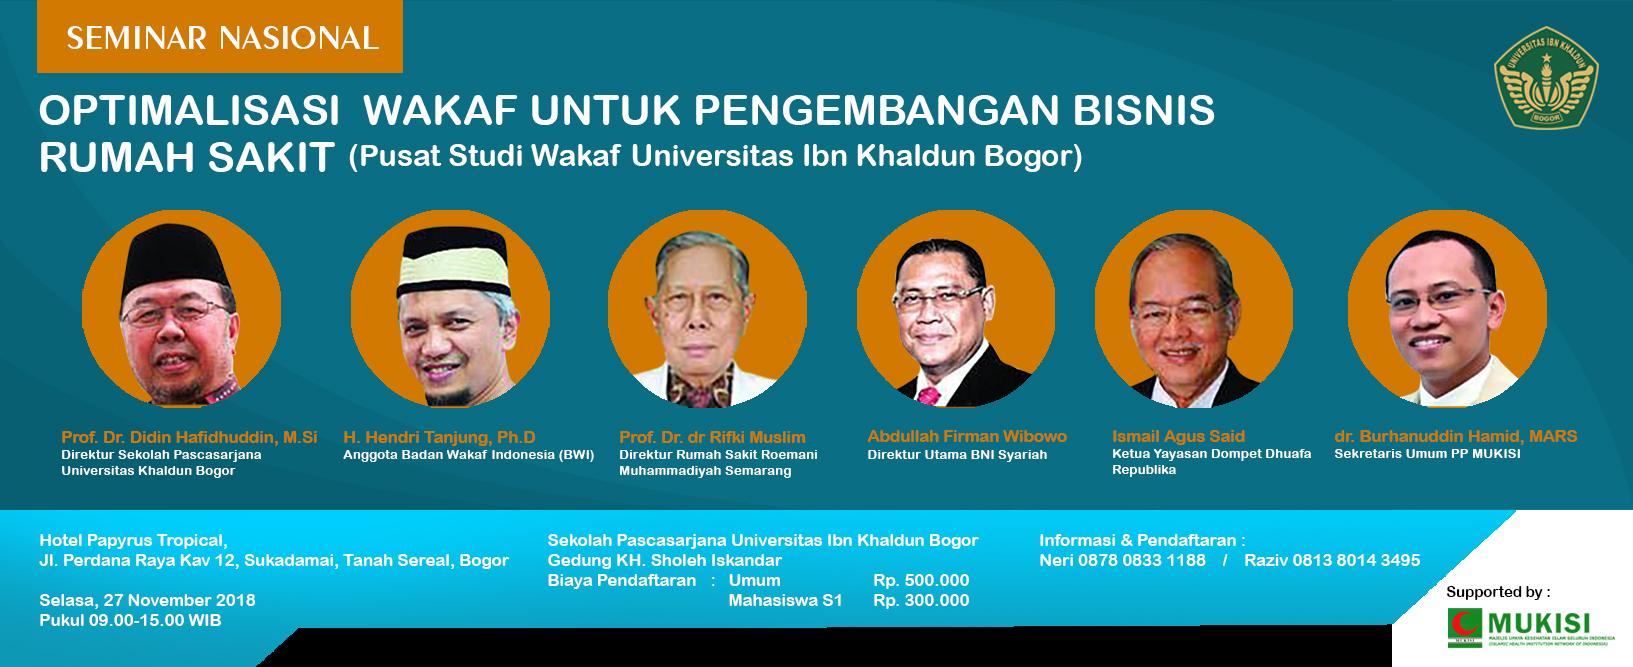 Seminar Nasional 3